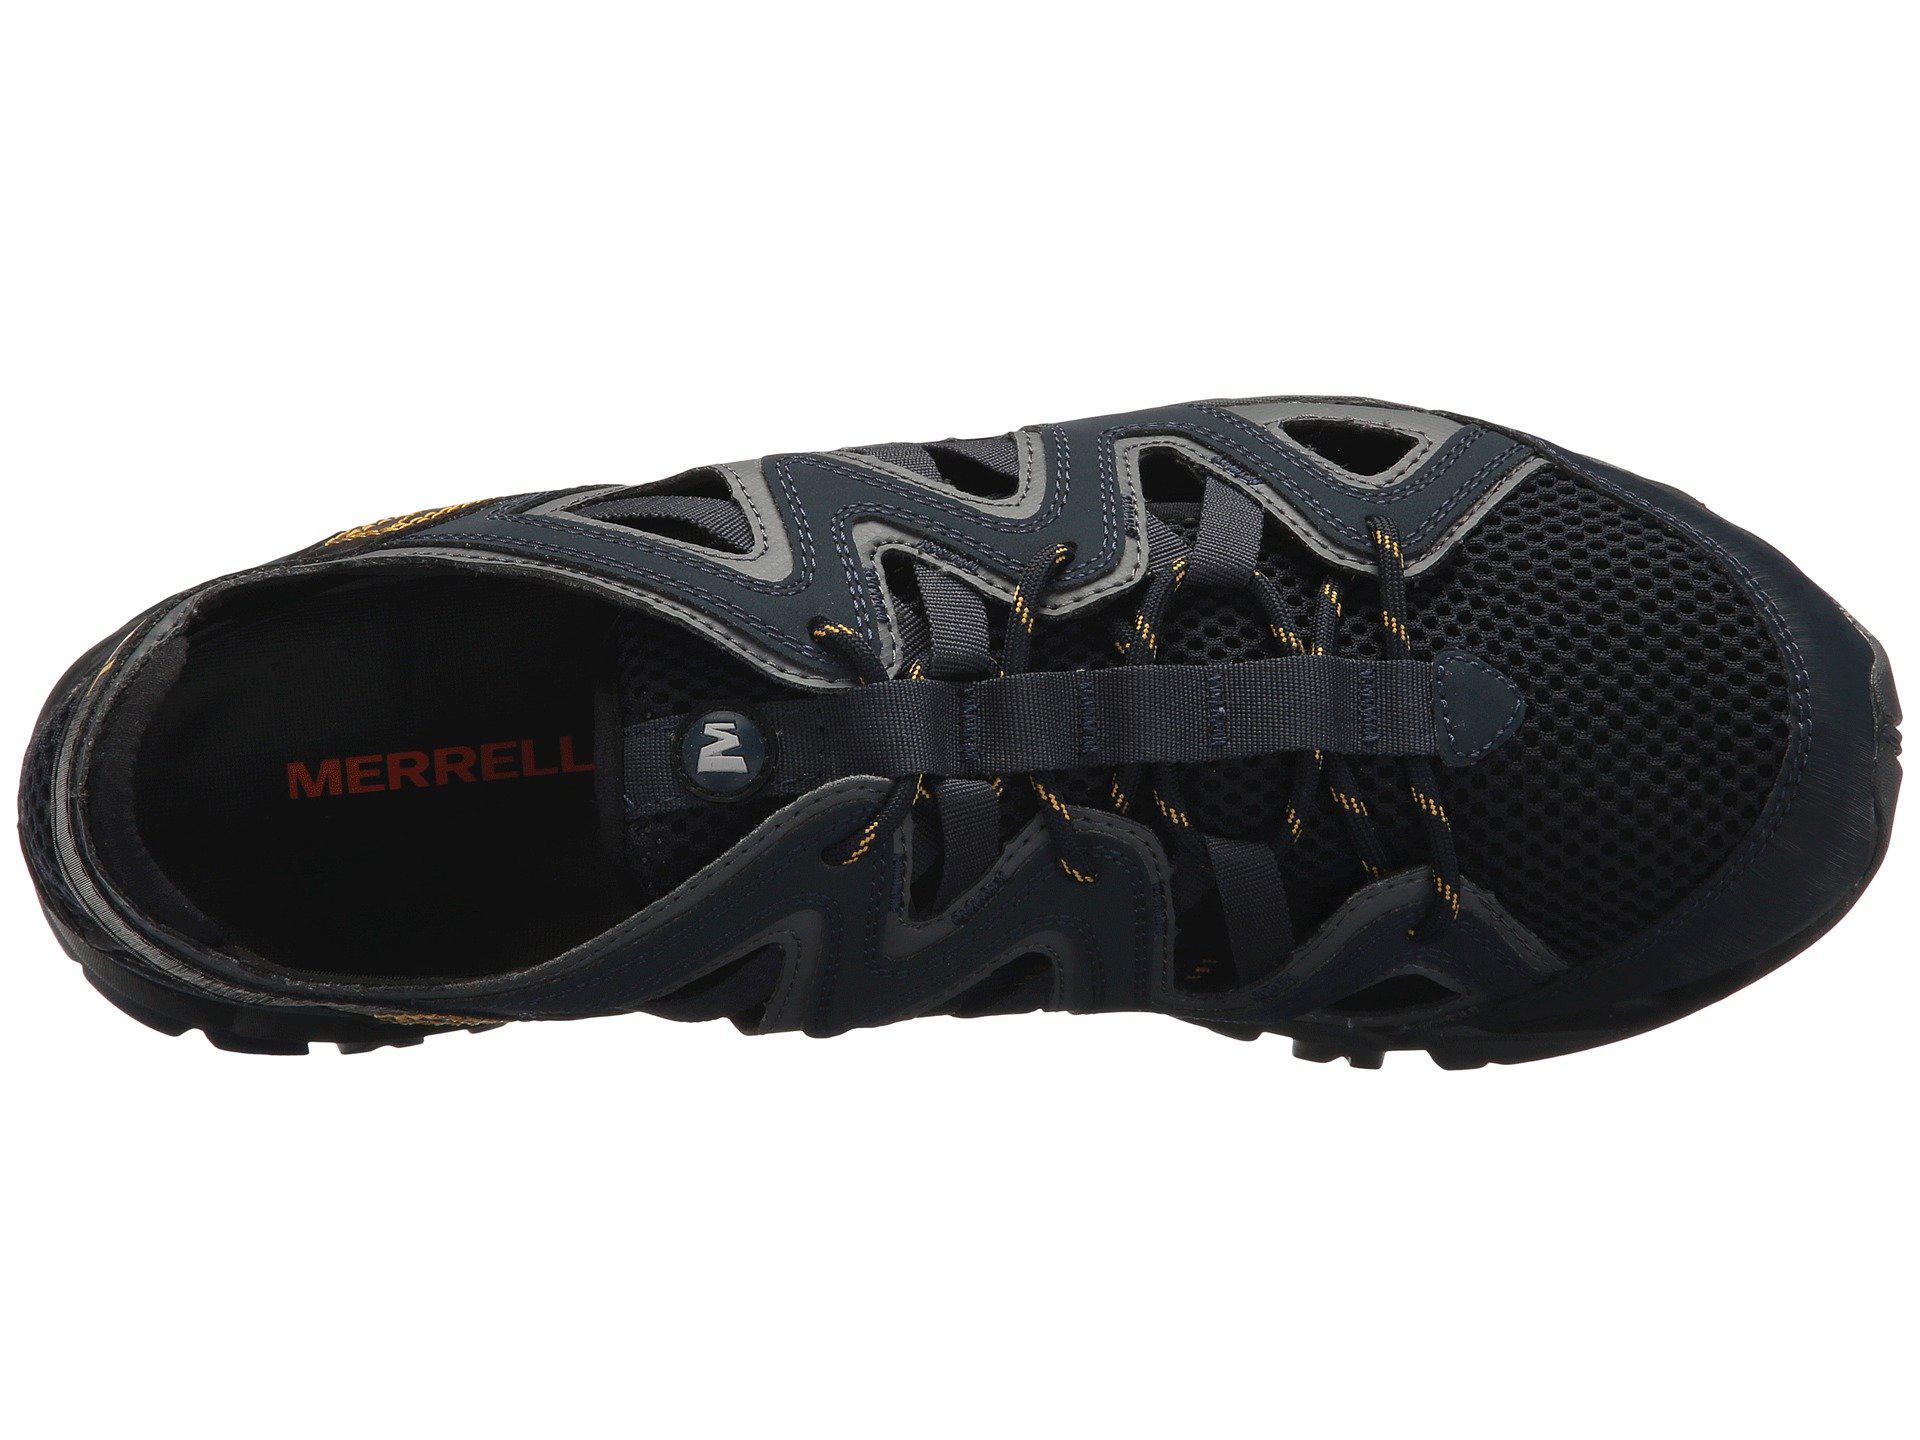 2b1ec84a9e6 Merrell - Blue Tetrex Crest Wrap (navy) Men s Shoes for Men - Lyst. View  fullscreen